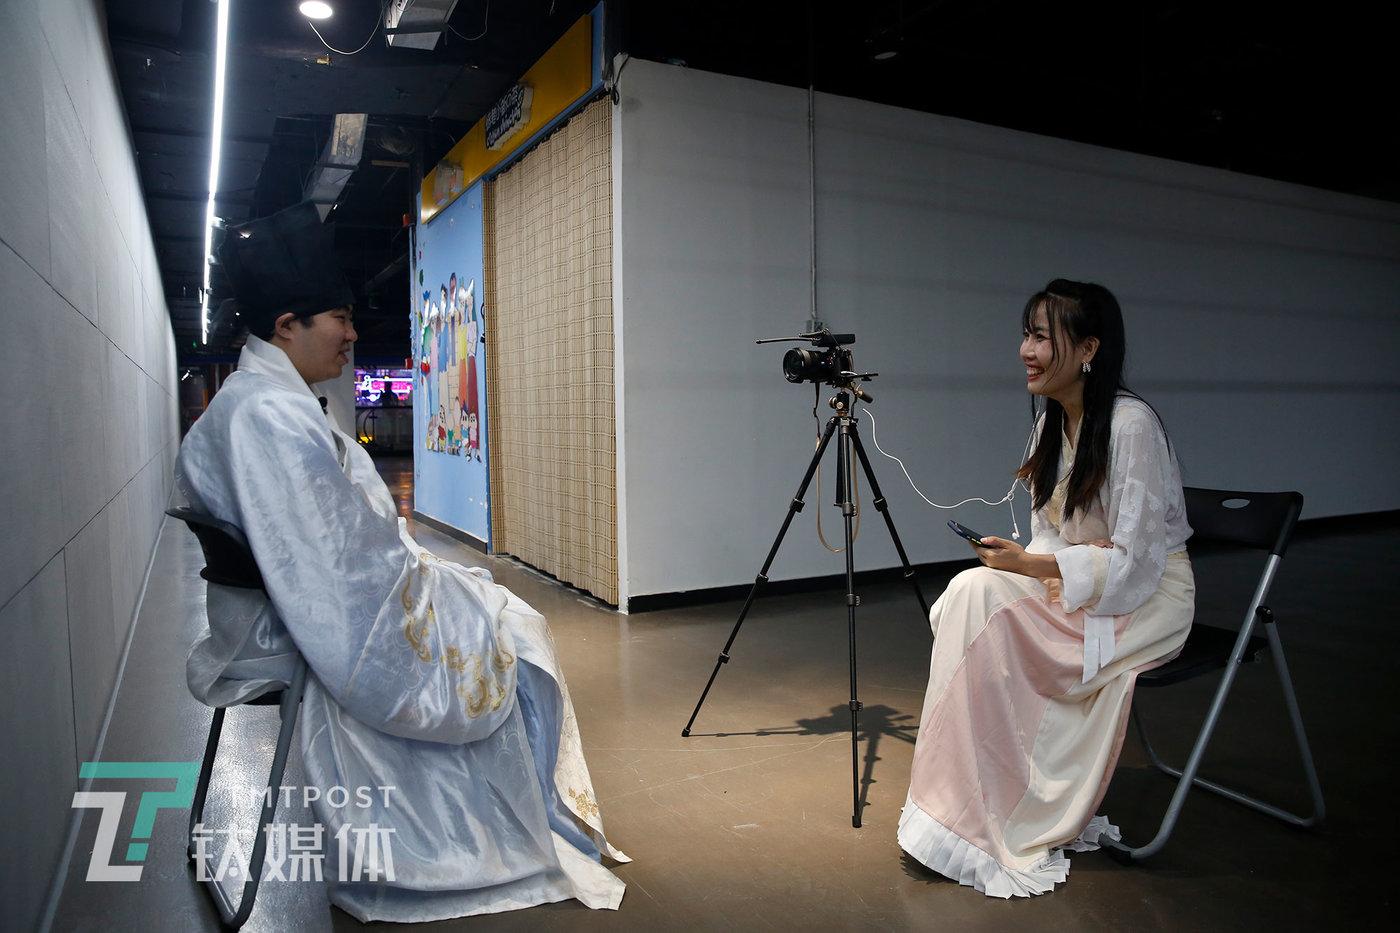 6月12日,北京,一场汉服活动结束后,张弘一在进行采访录制。